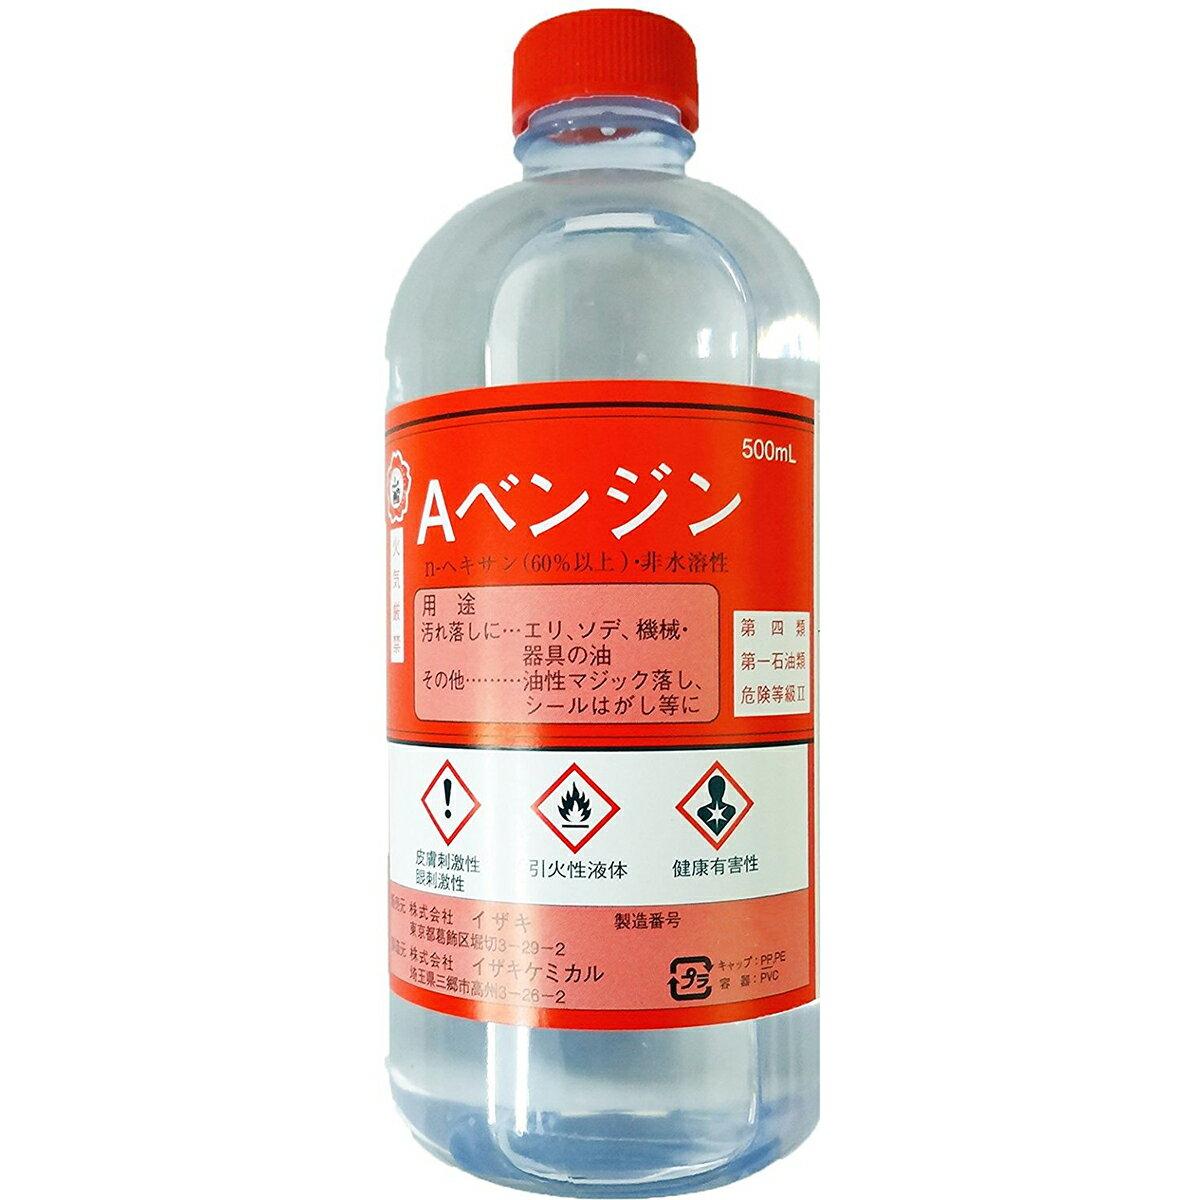 【☆】大洋製薬 Aベンジン 500ml【北海道・沖縄・離島は送れません】